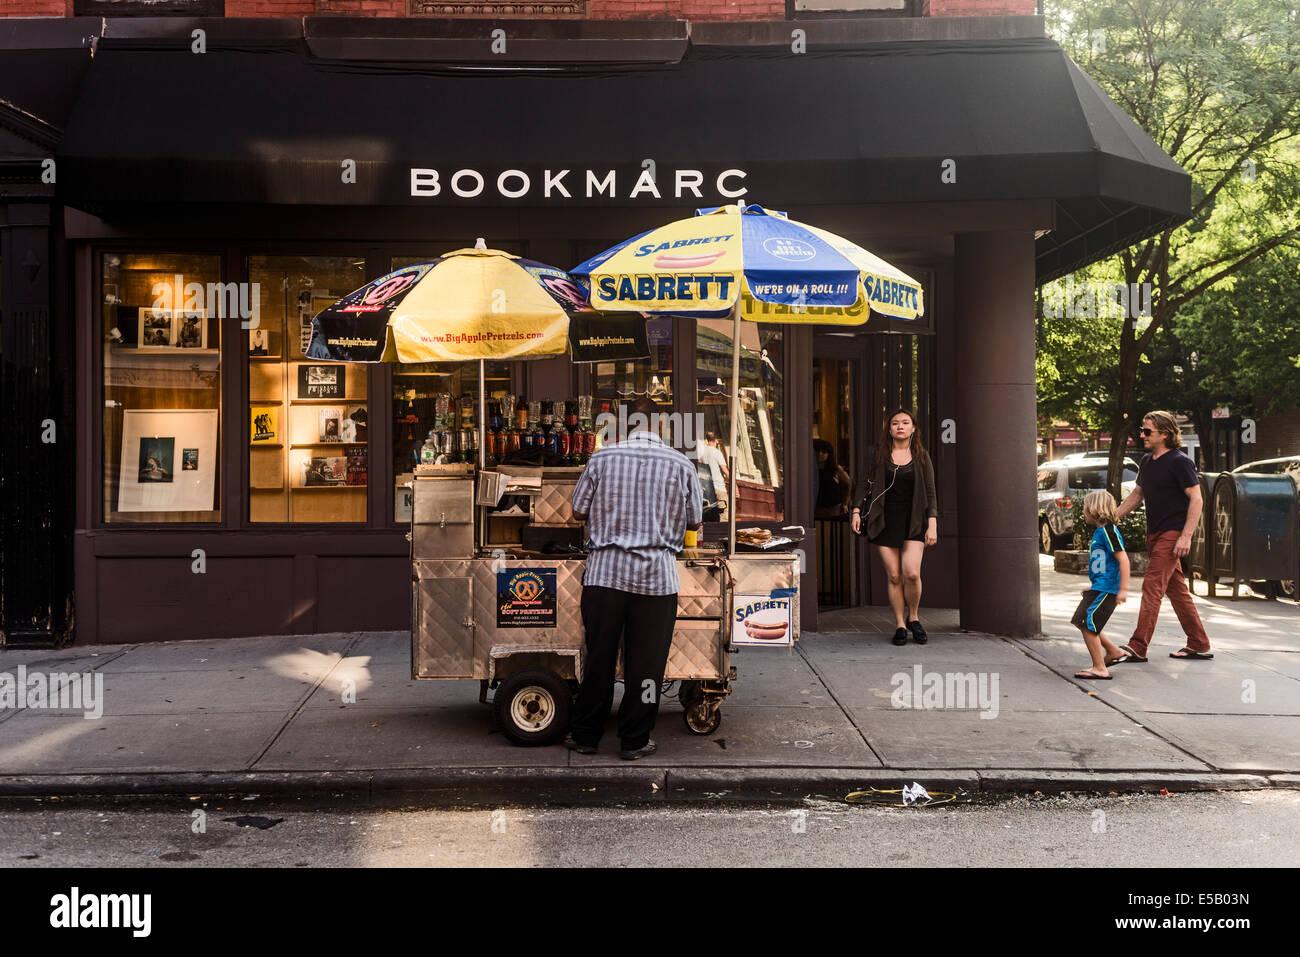 New York, NY - 25. Juli 2014 - Marc Jacobs Buchladen an der Bleecker Street Stockbild